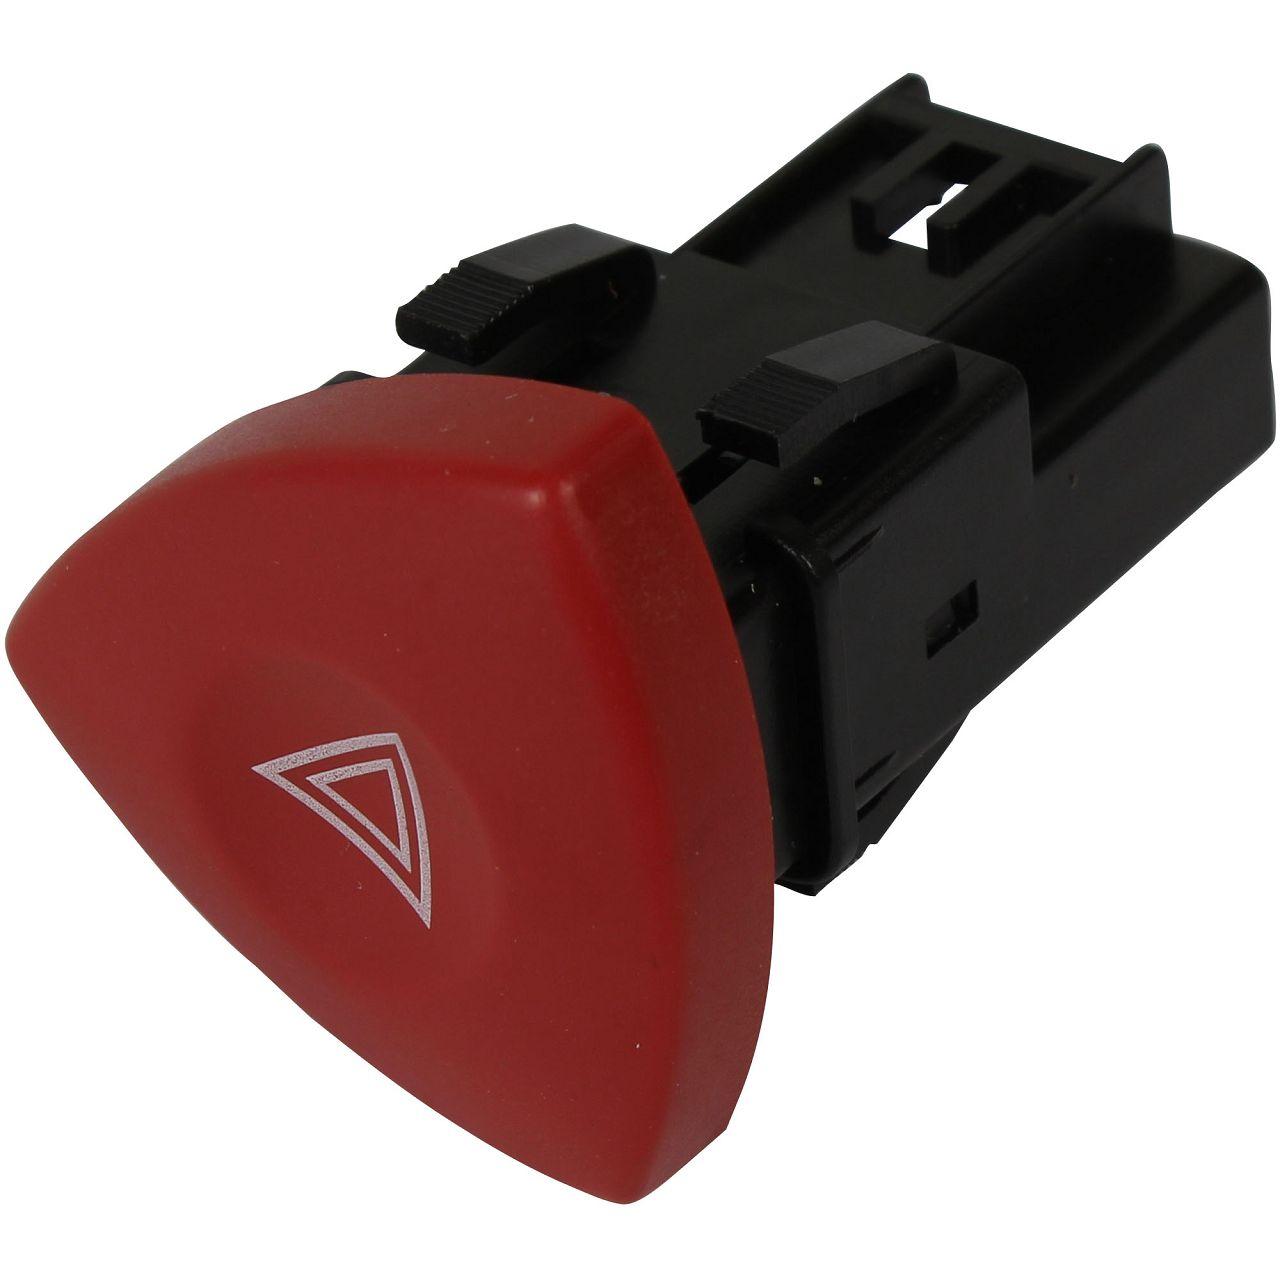 Warnblinkschalter Warnblinker Warnblinklicht für Renault Laguna Master Trafic II